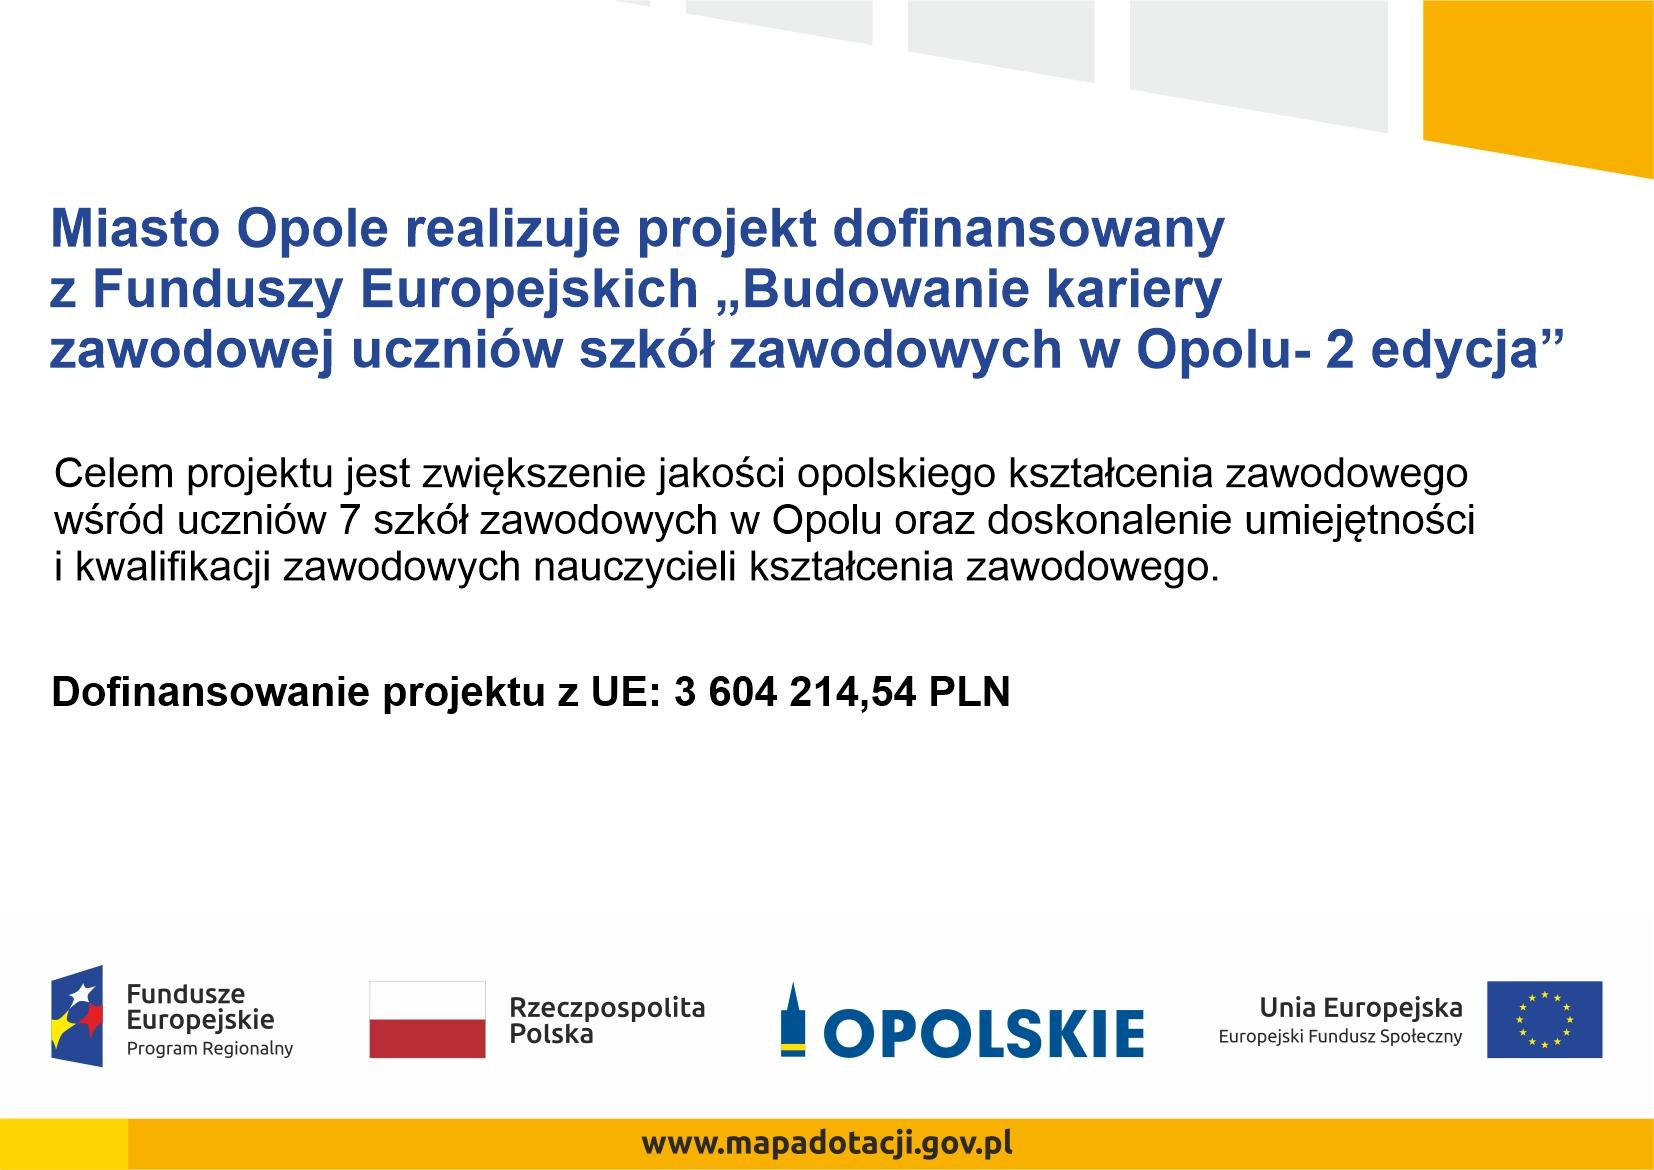 Budowanie kariery zawodowej uczniów szkół zawodowych w Opolu – 2 edycja